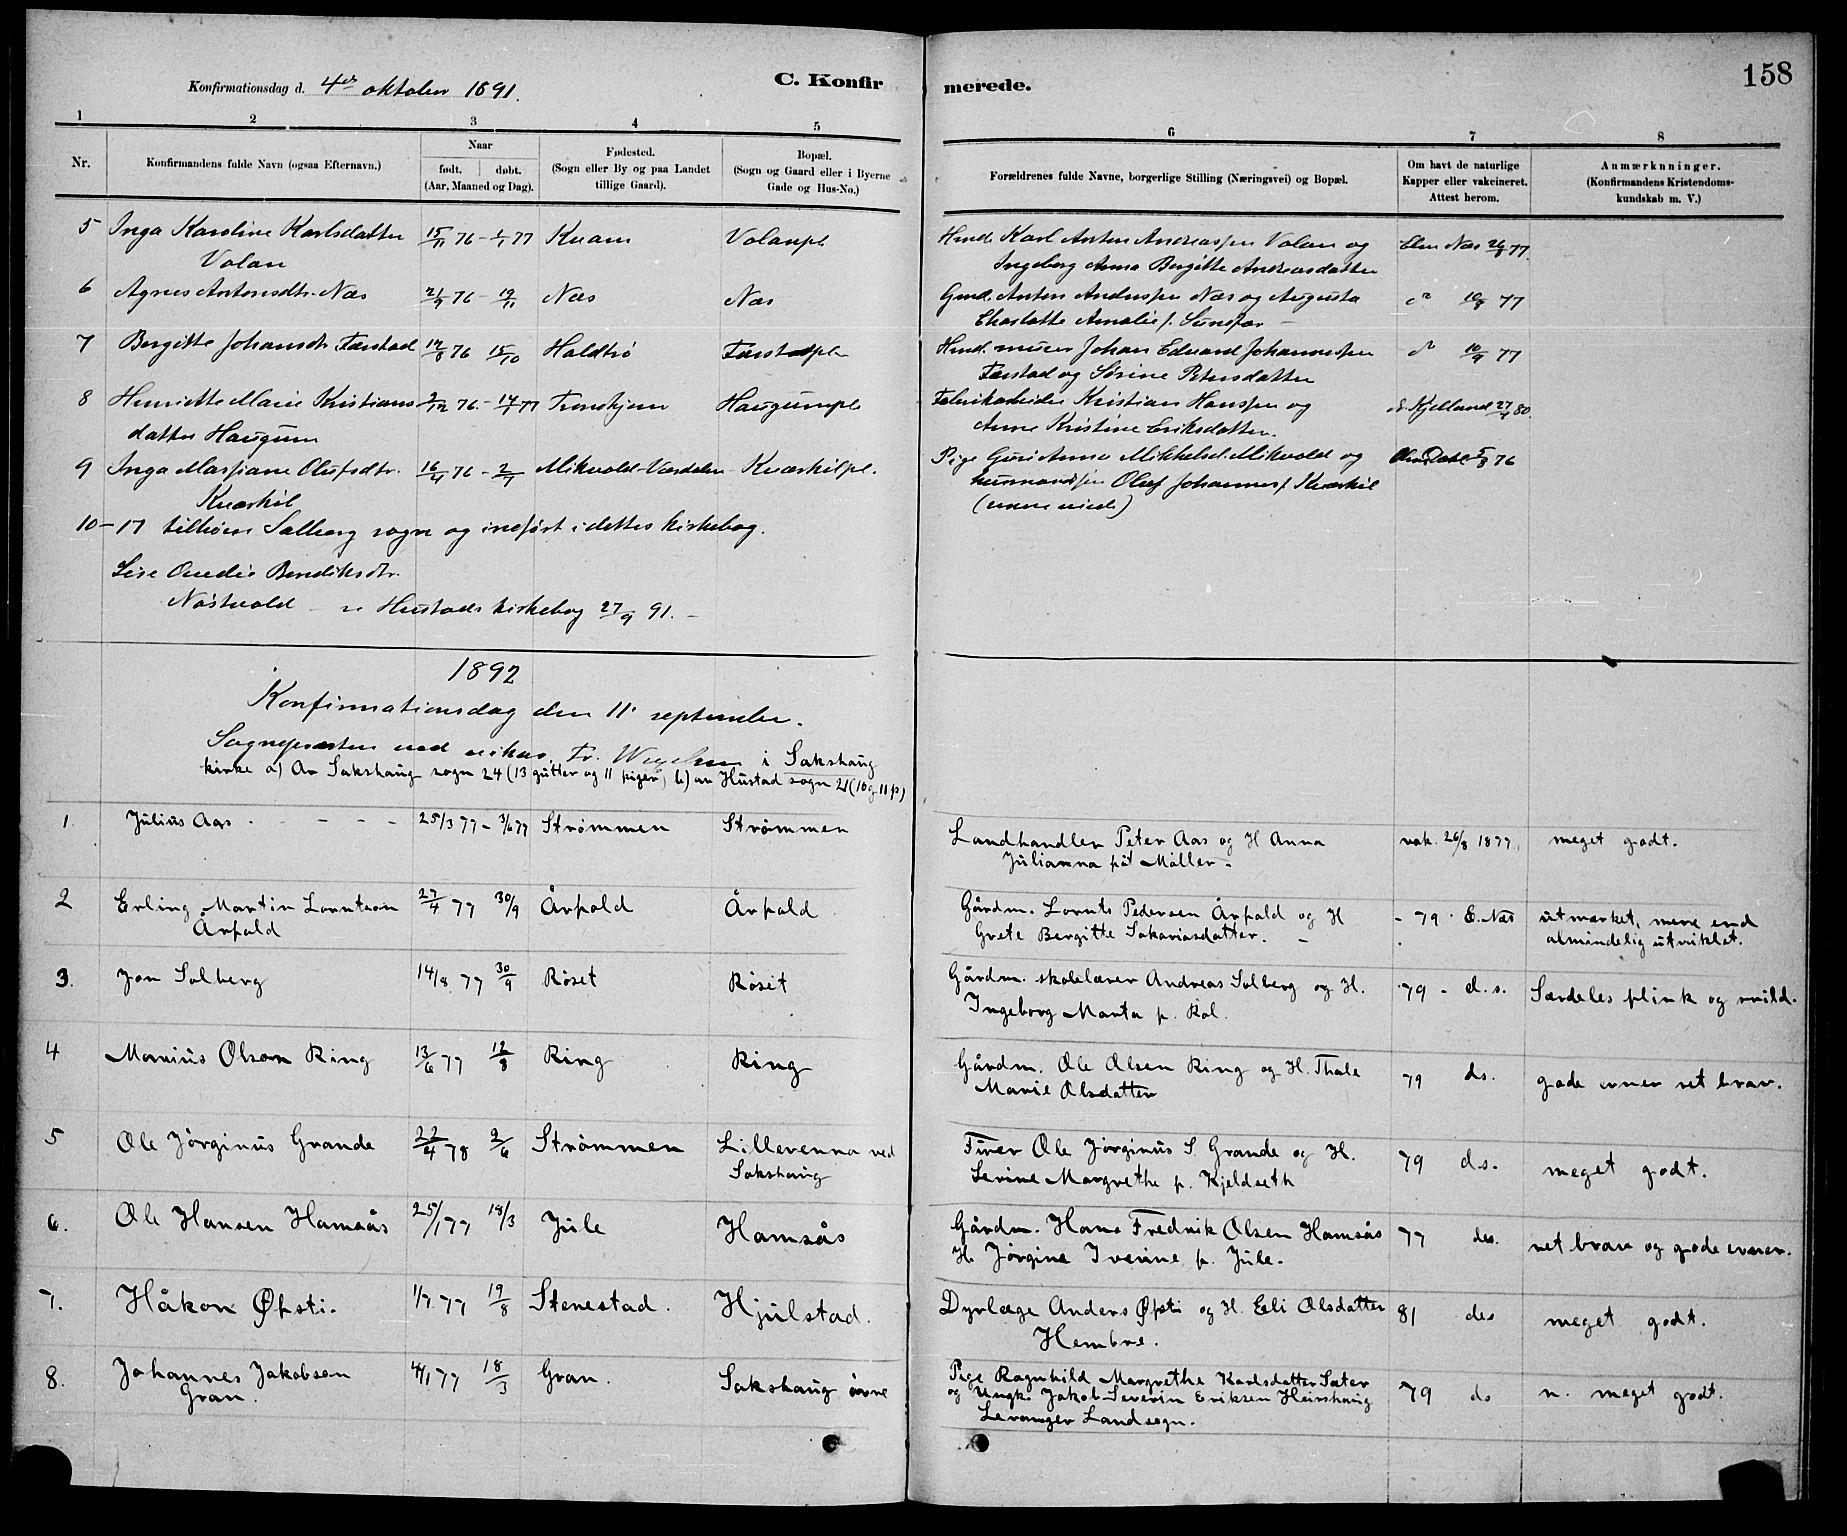 SAT, Ministerialprotokoller, klokkerbøker og fødselsregistre - Nord-Trøndelag, 730/L0301: Klokkerbok nr. 730C04, 1880-1897, s. 158